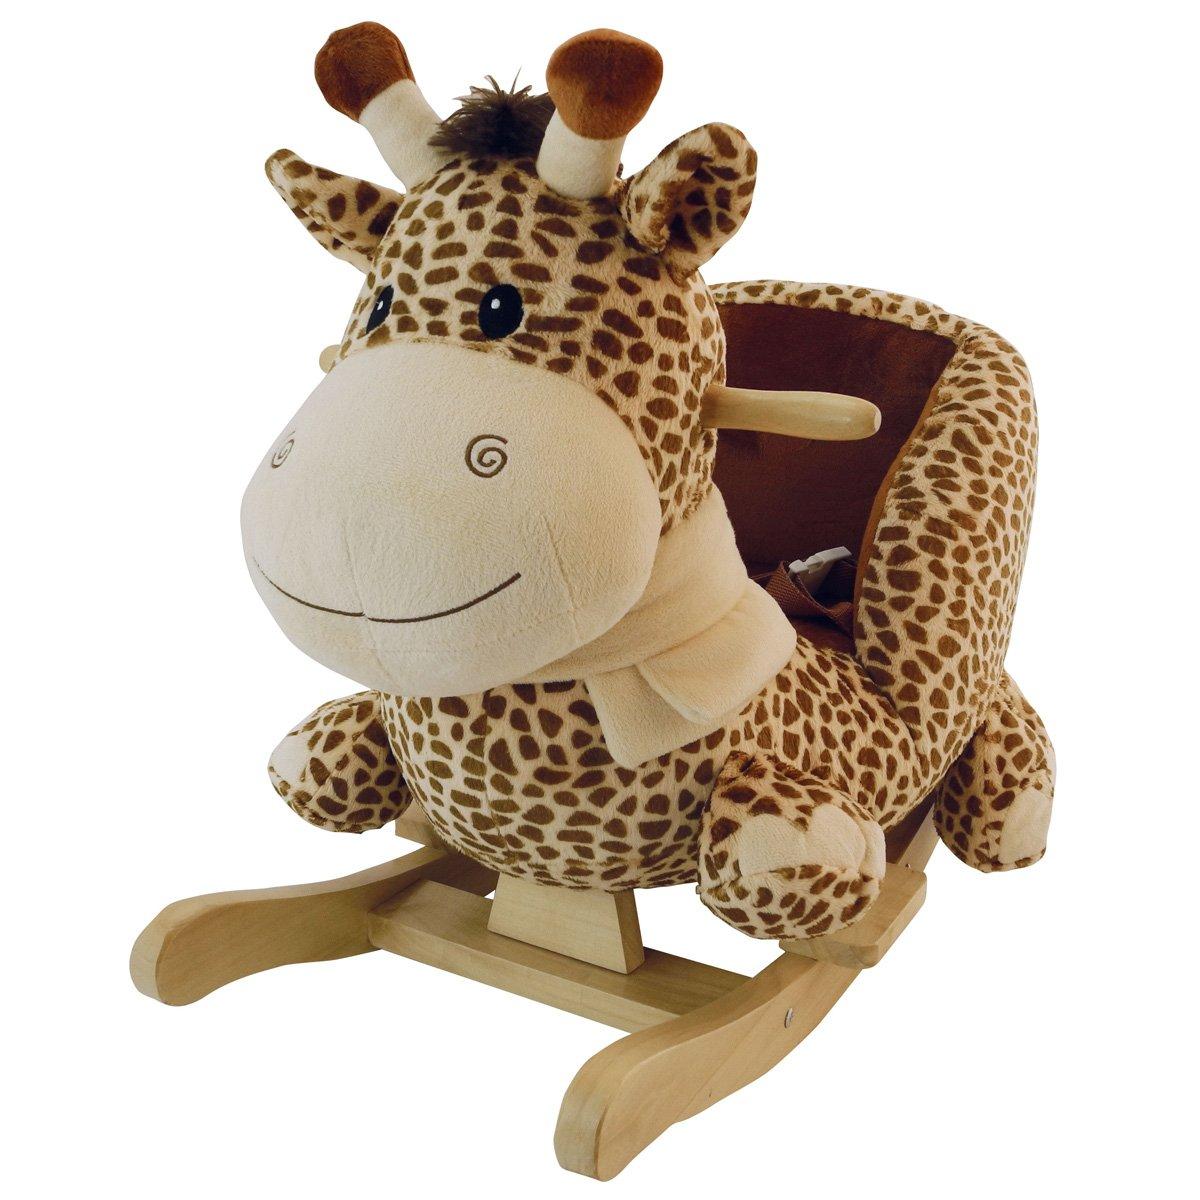 Schaukeltier Giraffe, Sicherheitsgurt, Plüsch braun / beige, ab 9 Mon. • Baby Schaukel Schaukelpferd Tier Giraffe Holz Wippe